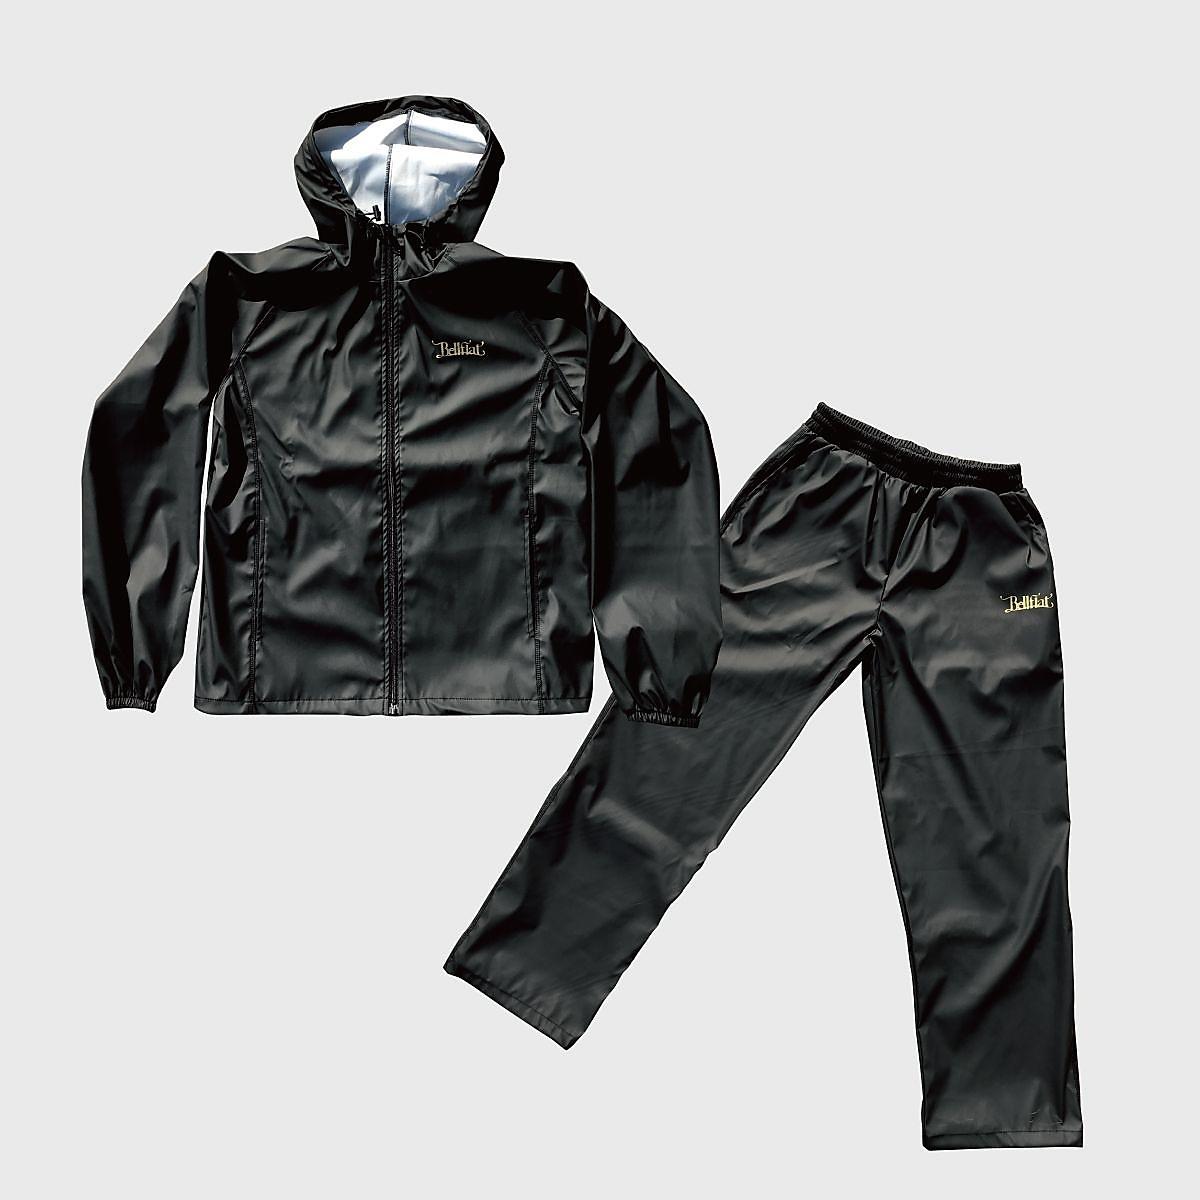 【送料無料】 フィットネス 健康 メンズサウナウェア トレーニングアパレル BELL FLAT サウナスーツ BK×BK ブラック KS8001